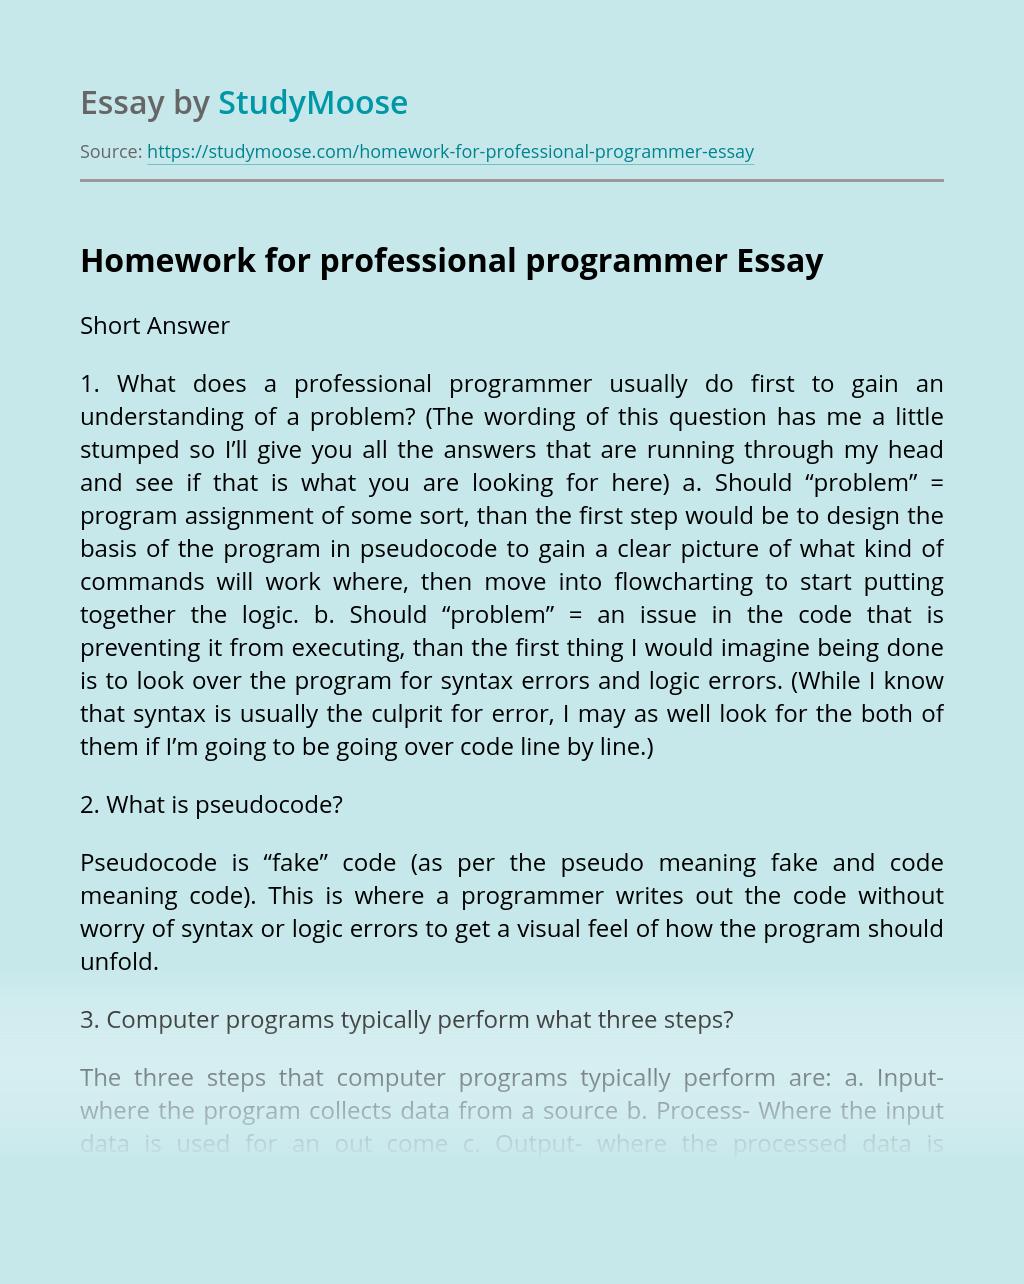 Homework for professional programmer